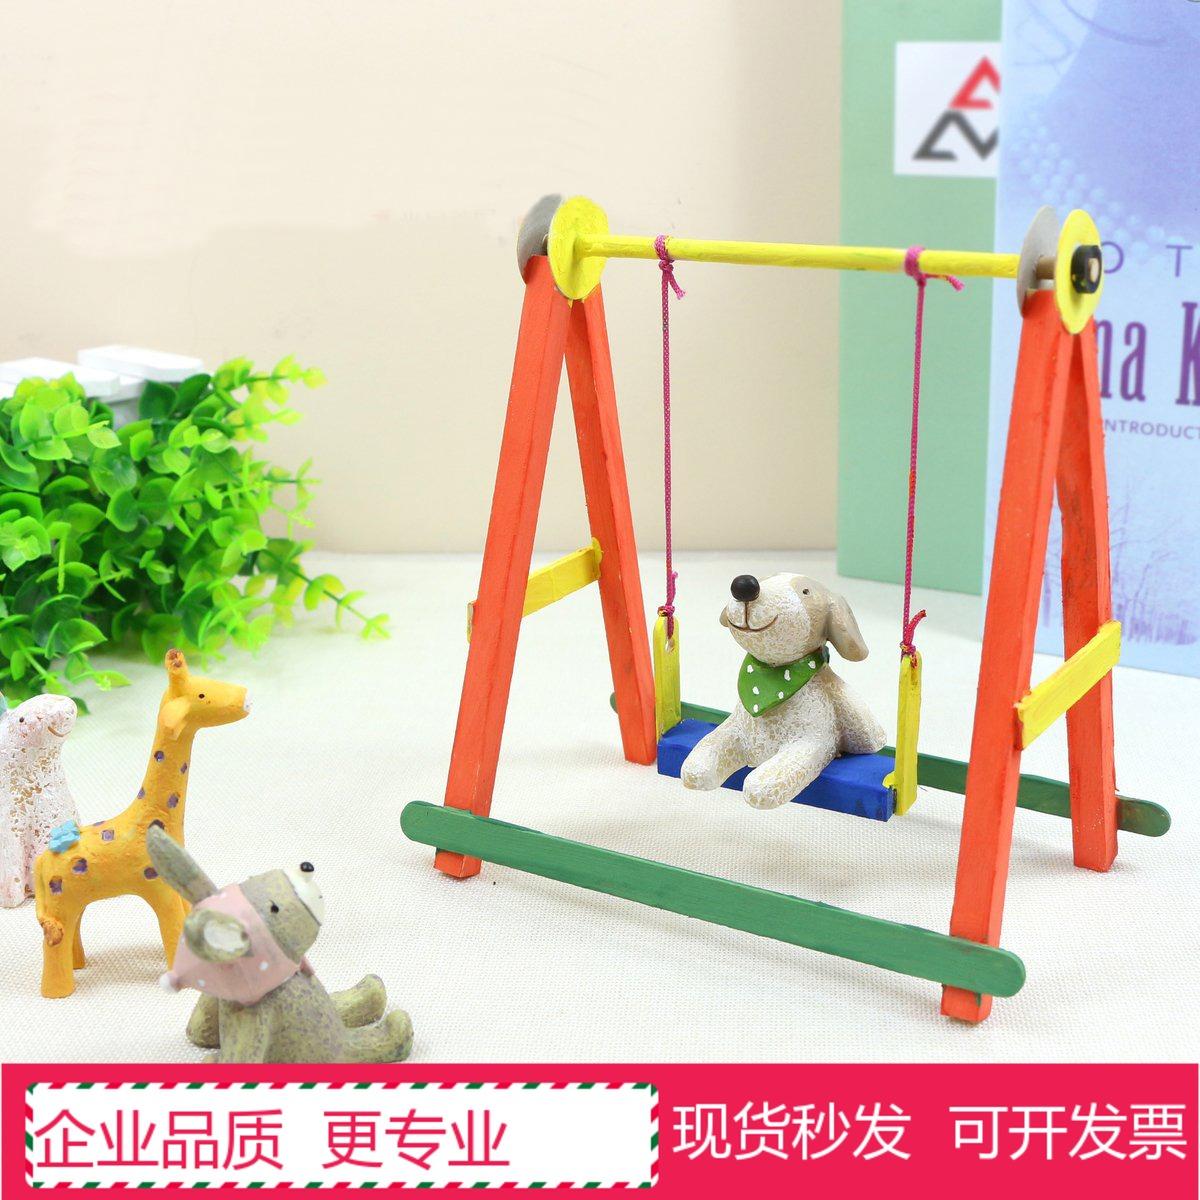 DIY创意秋千 儿童科技小发明小制作科学实验玩具学生手工材料包